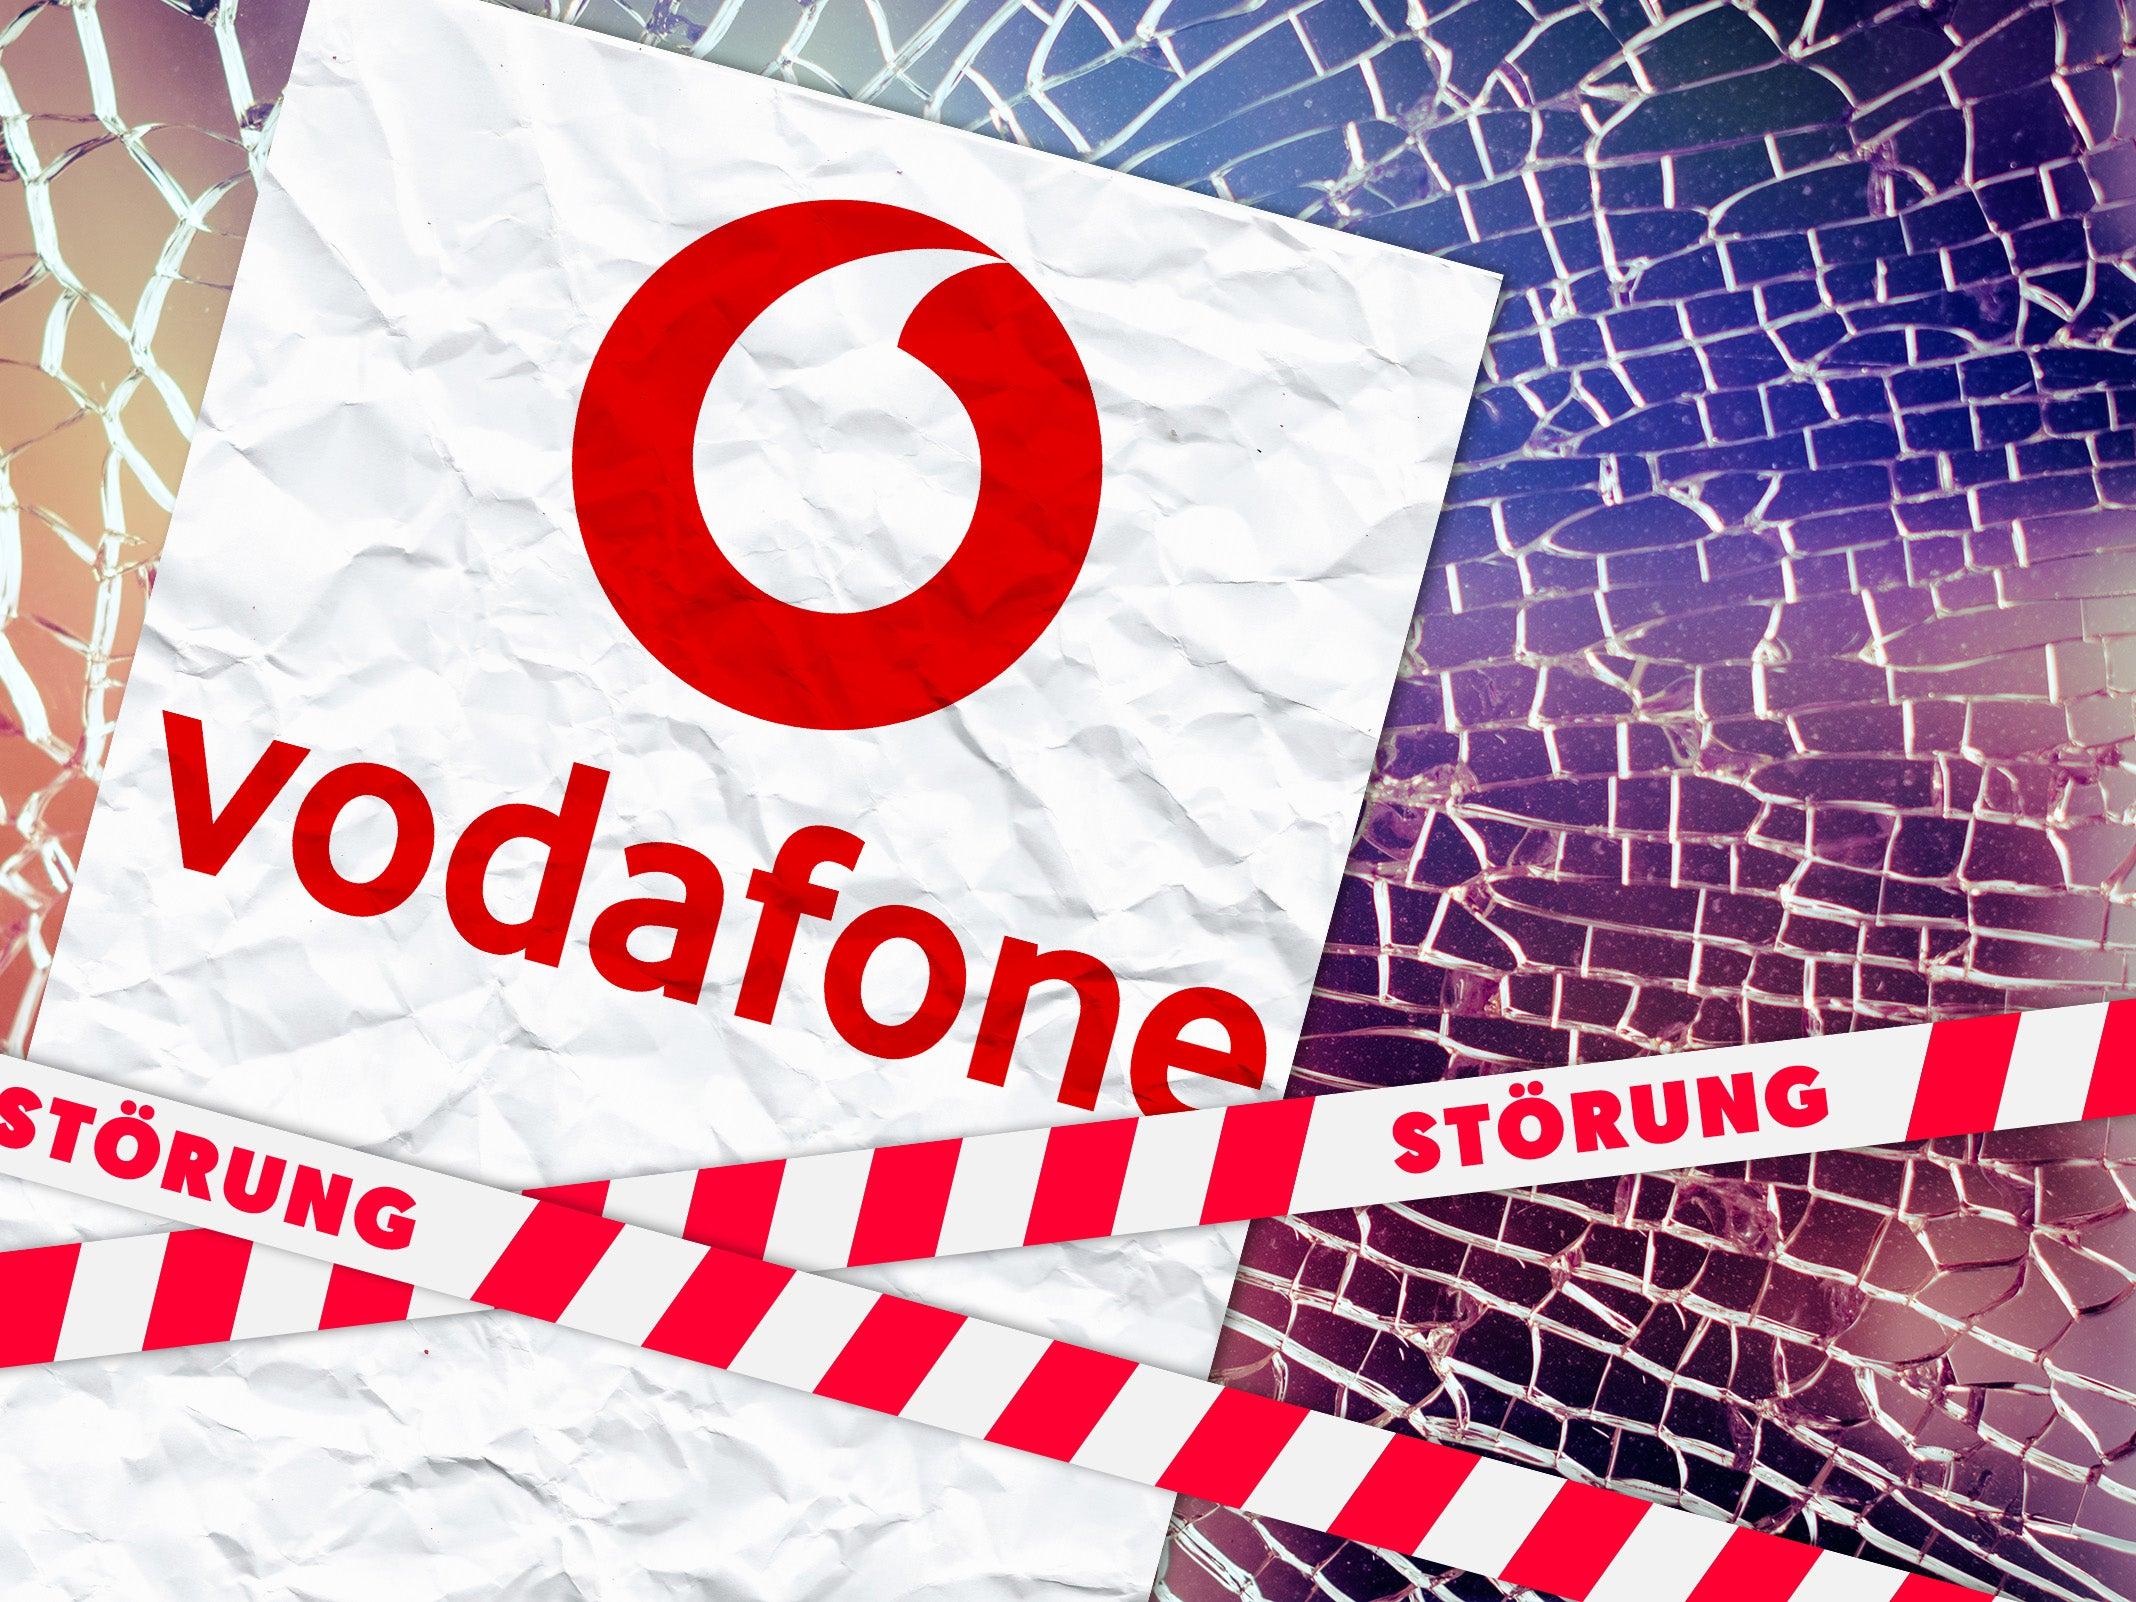 vodafone störungsdienst telefonnummer